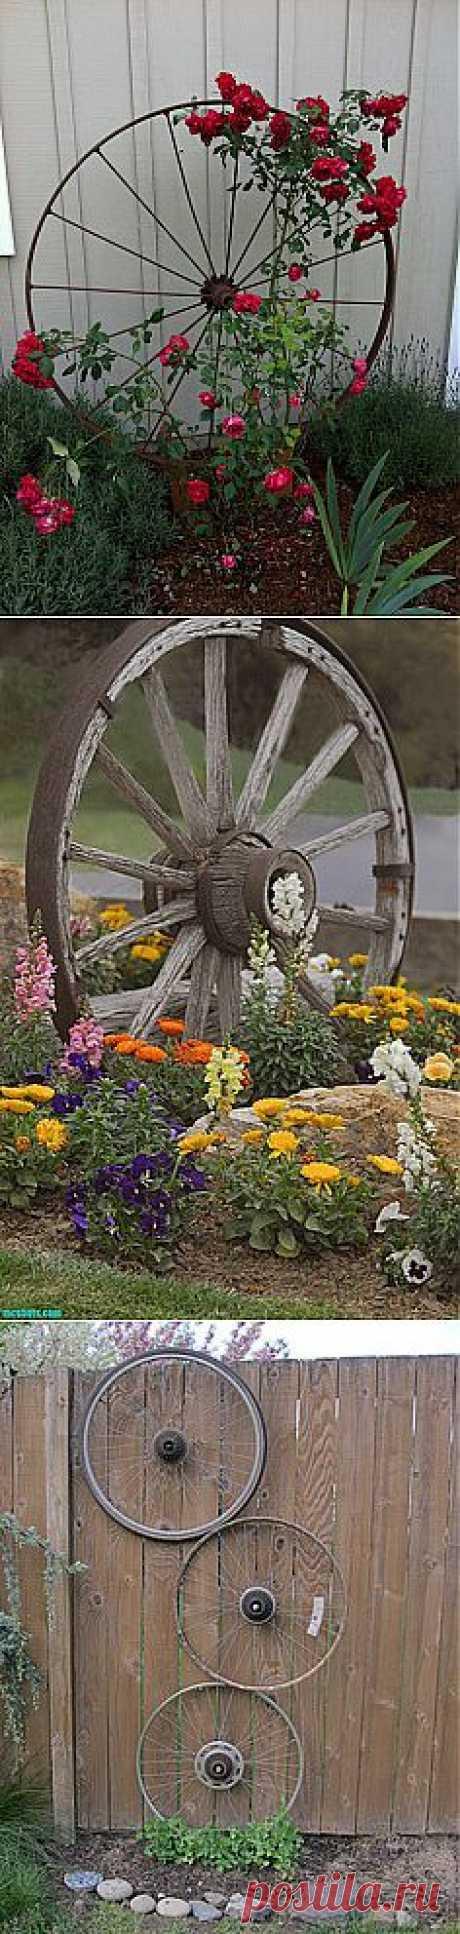 Wagon Wheel as Trellis | Gardening/Landscaping